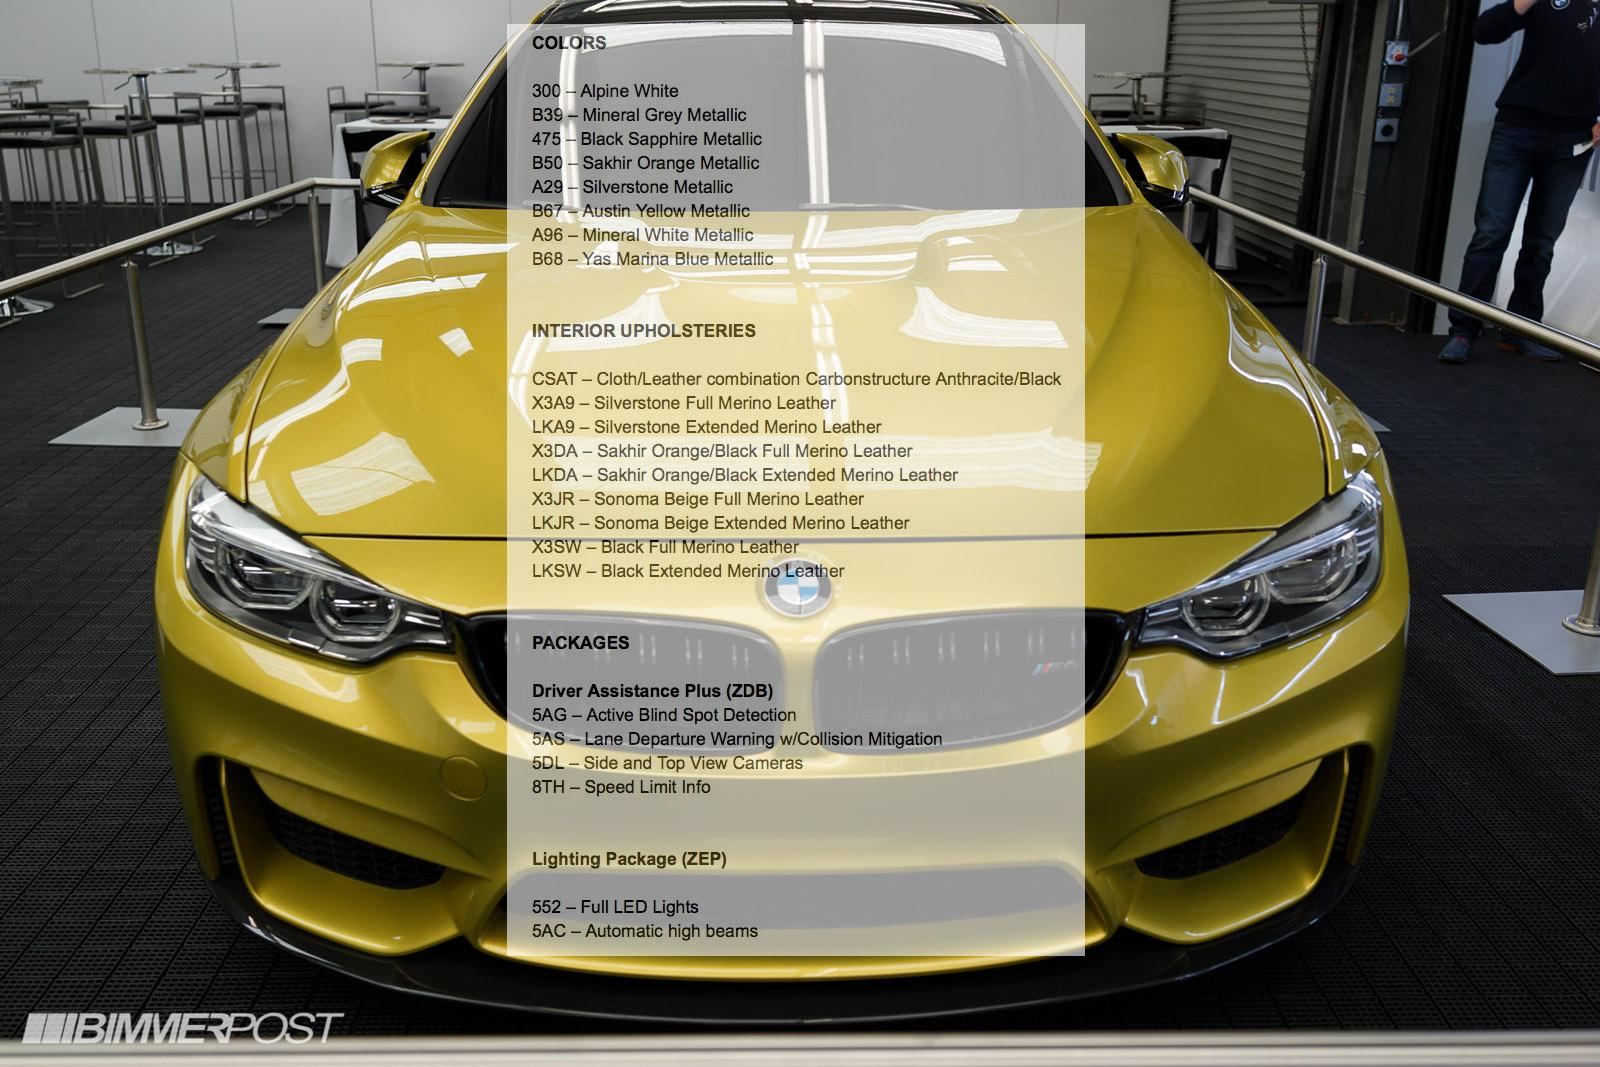 2014 M3/M4 Dealer Launch Car Order Guide Reveals Colors ...